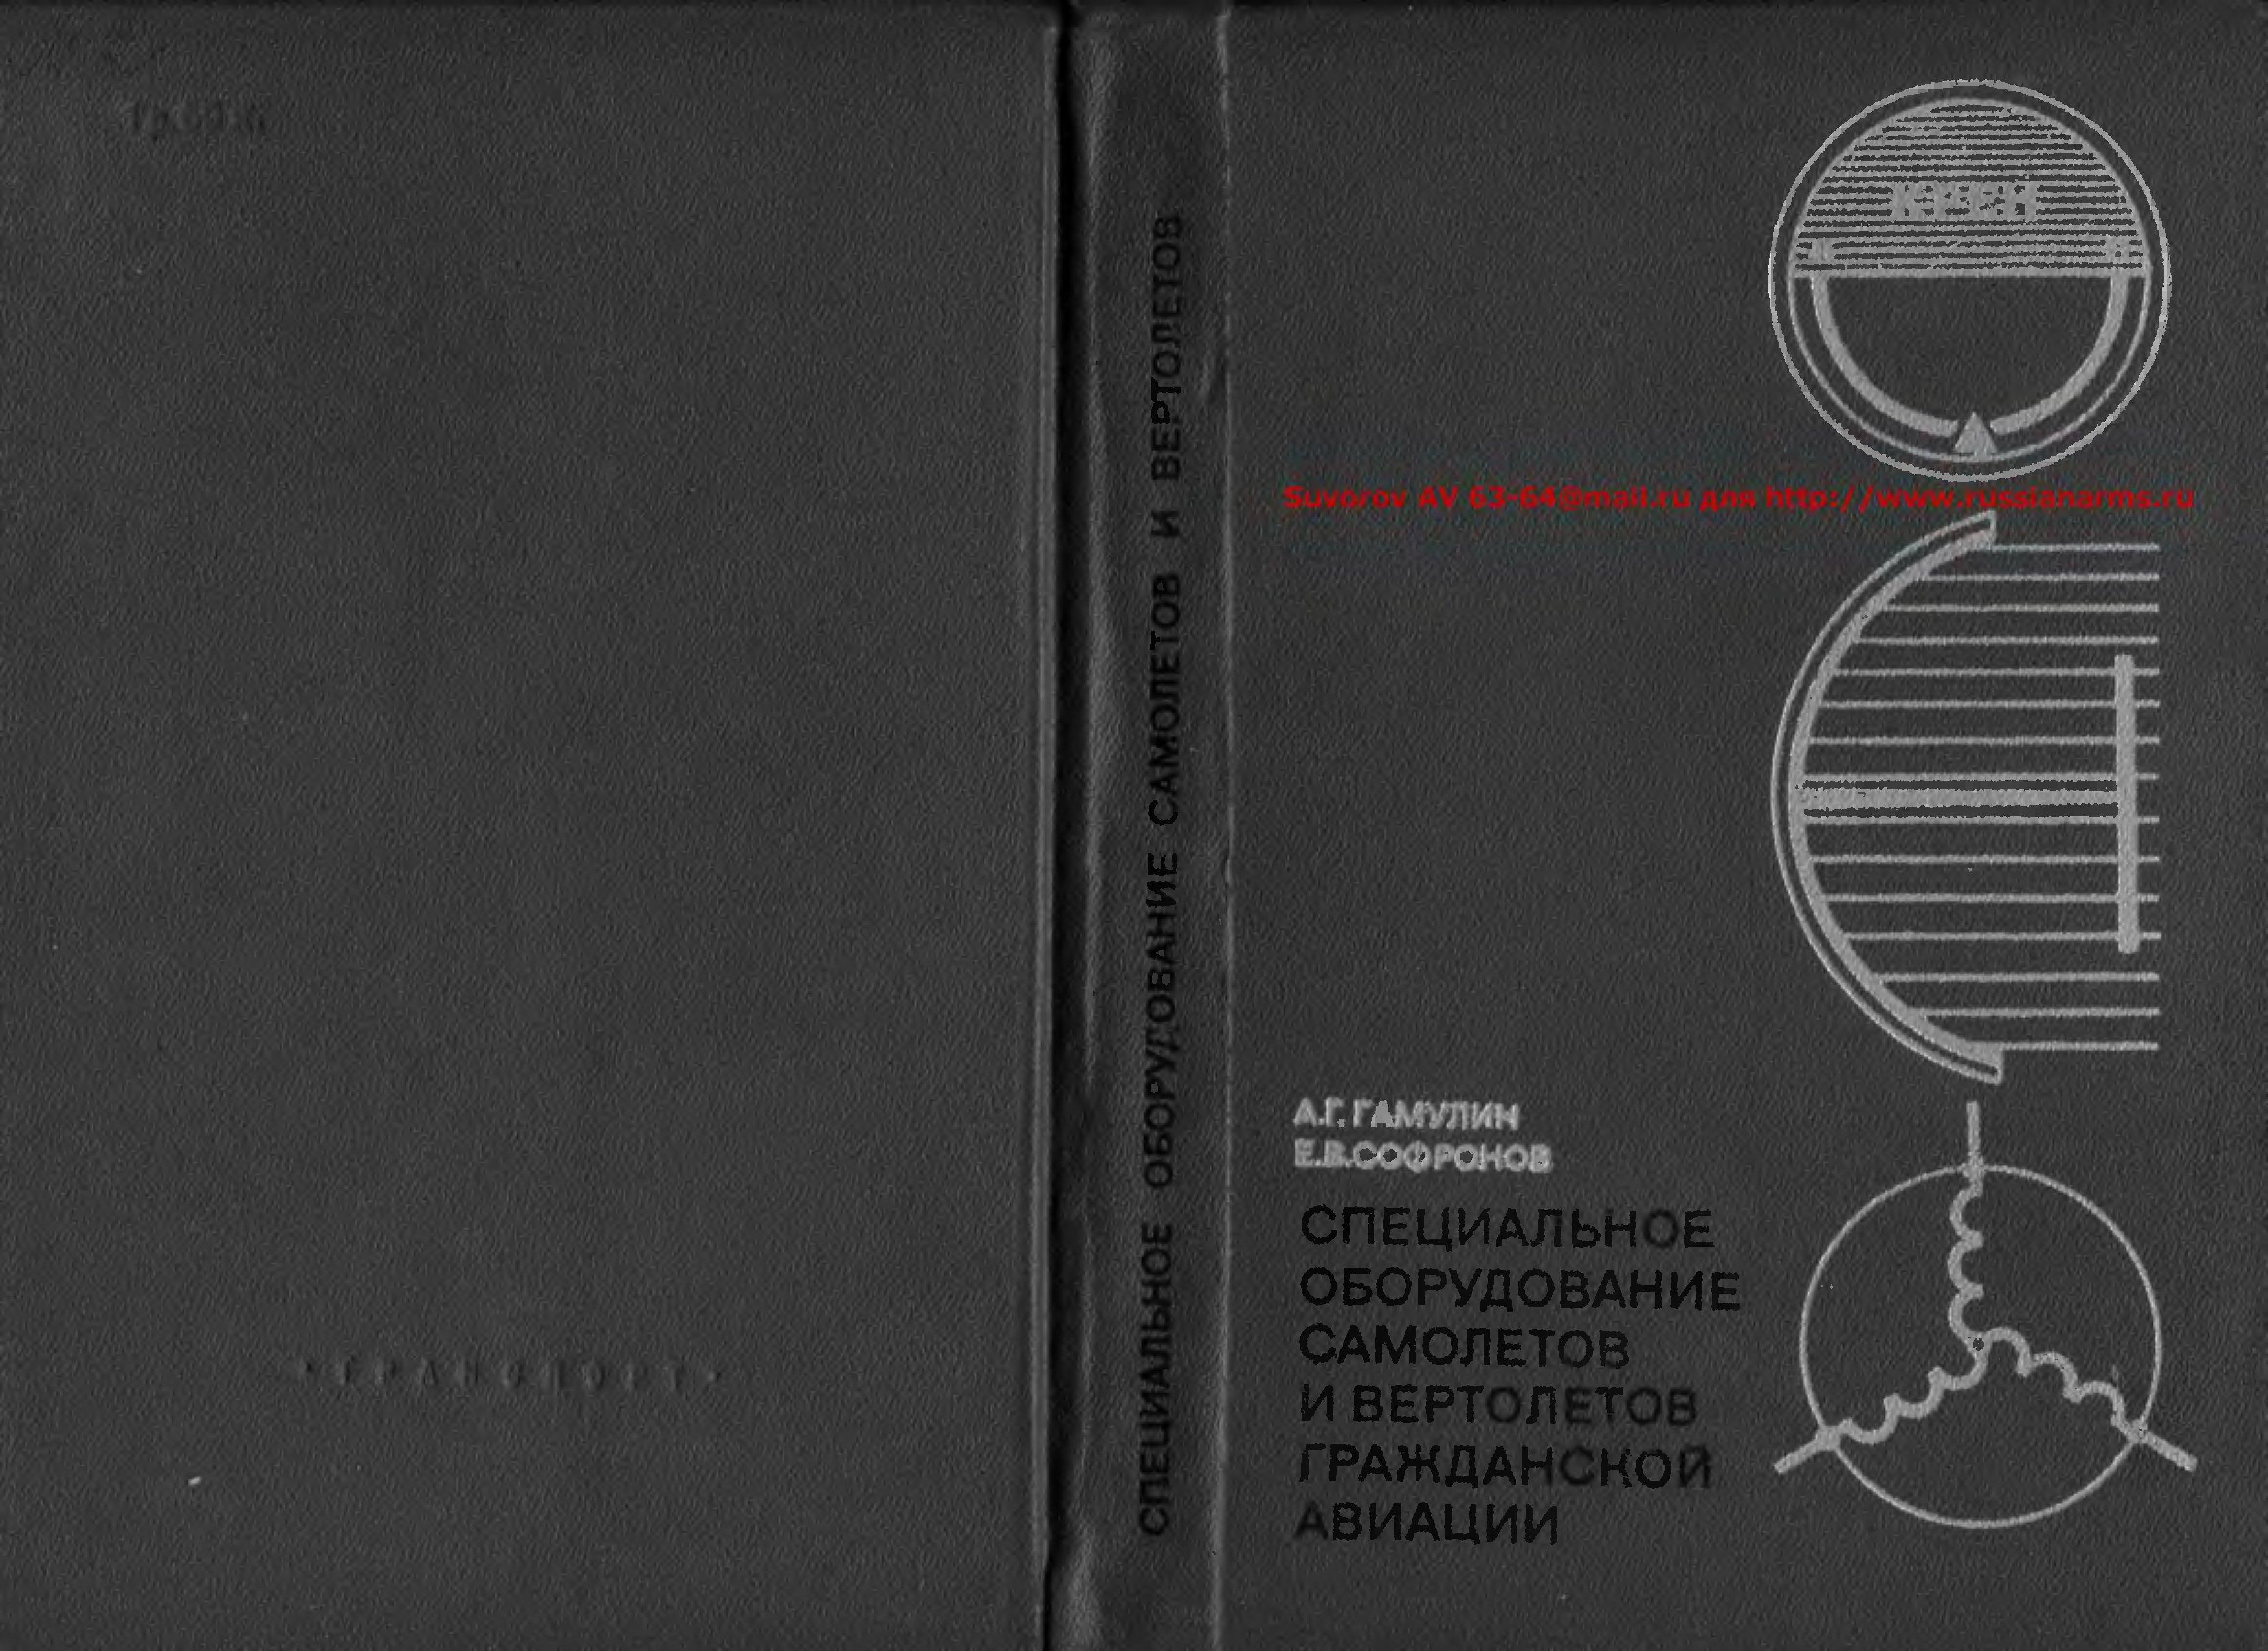 Обложка книги Специальное оборудование самолетов и вертолетов гражданской авиации (Гамулин А.Г., Софронов Е.В)